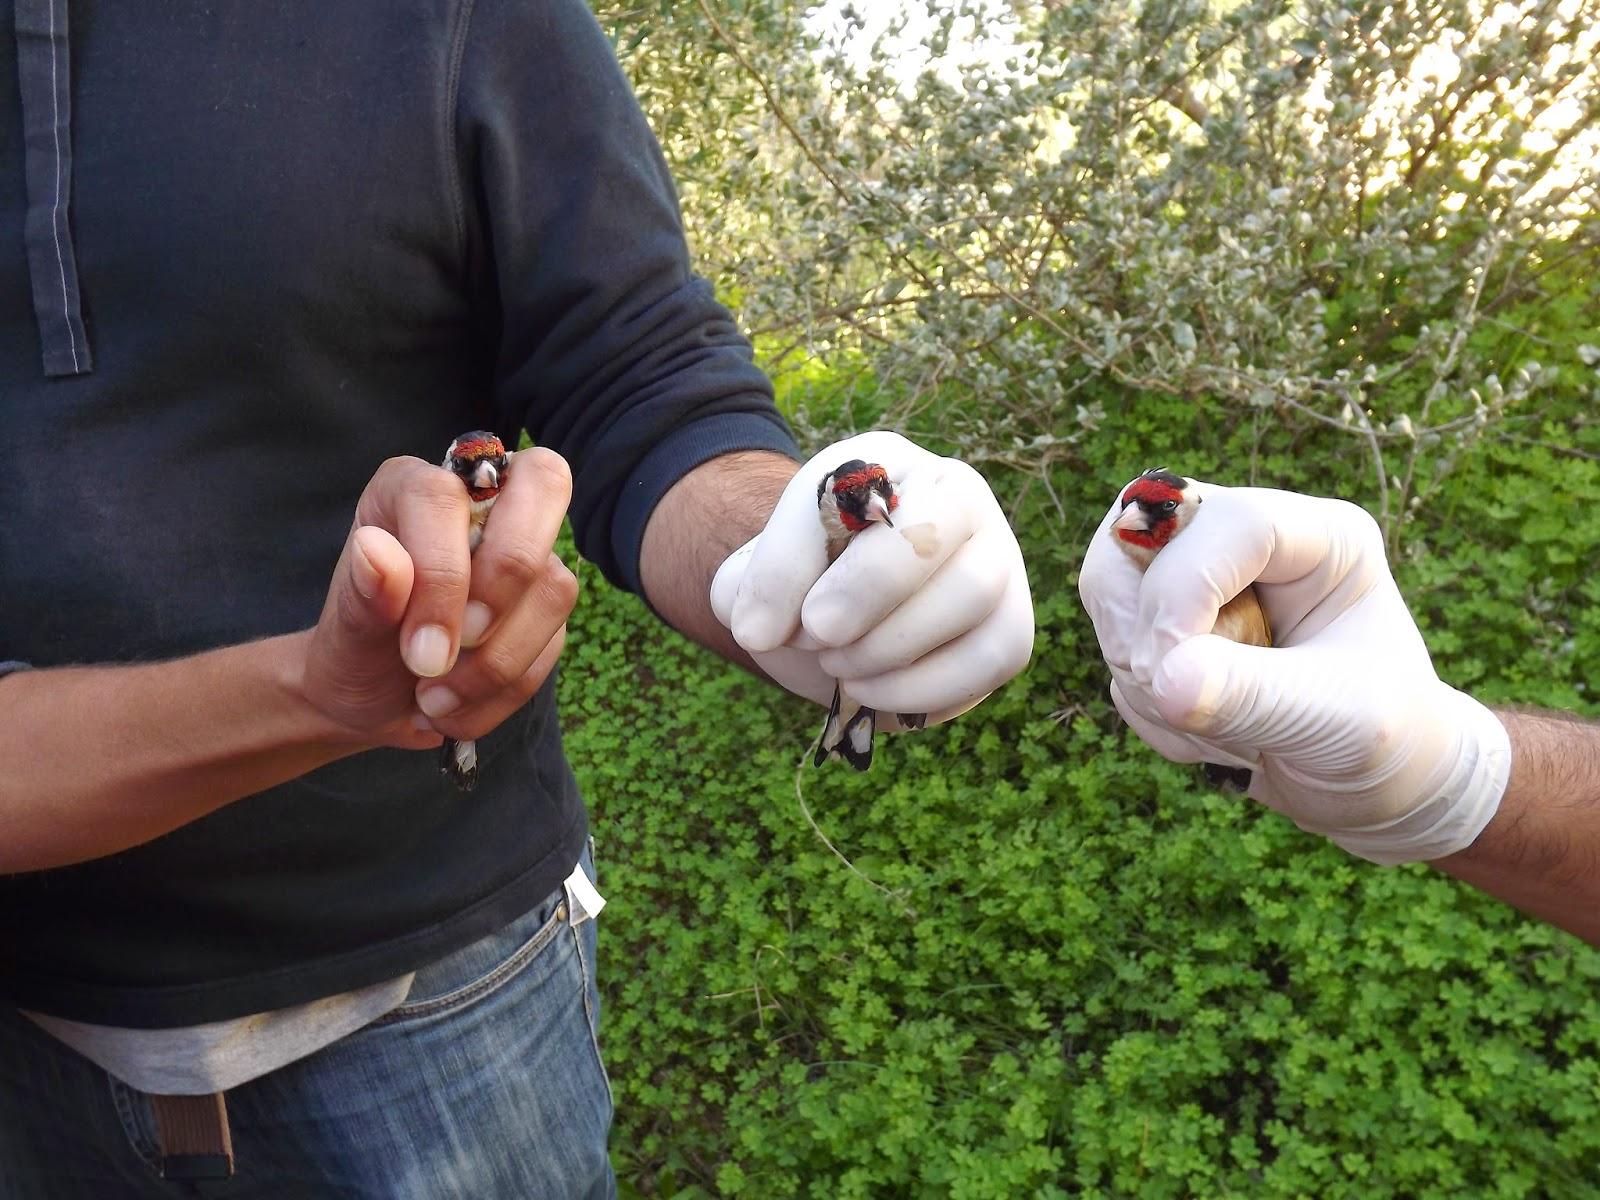 Detido por caça ilegal de aves protegidas